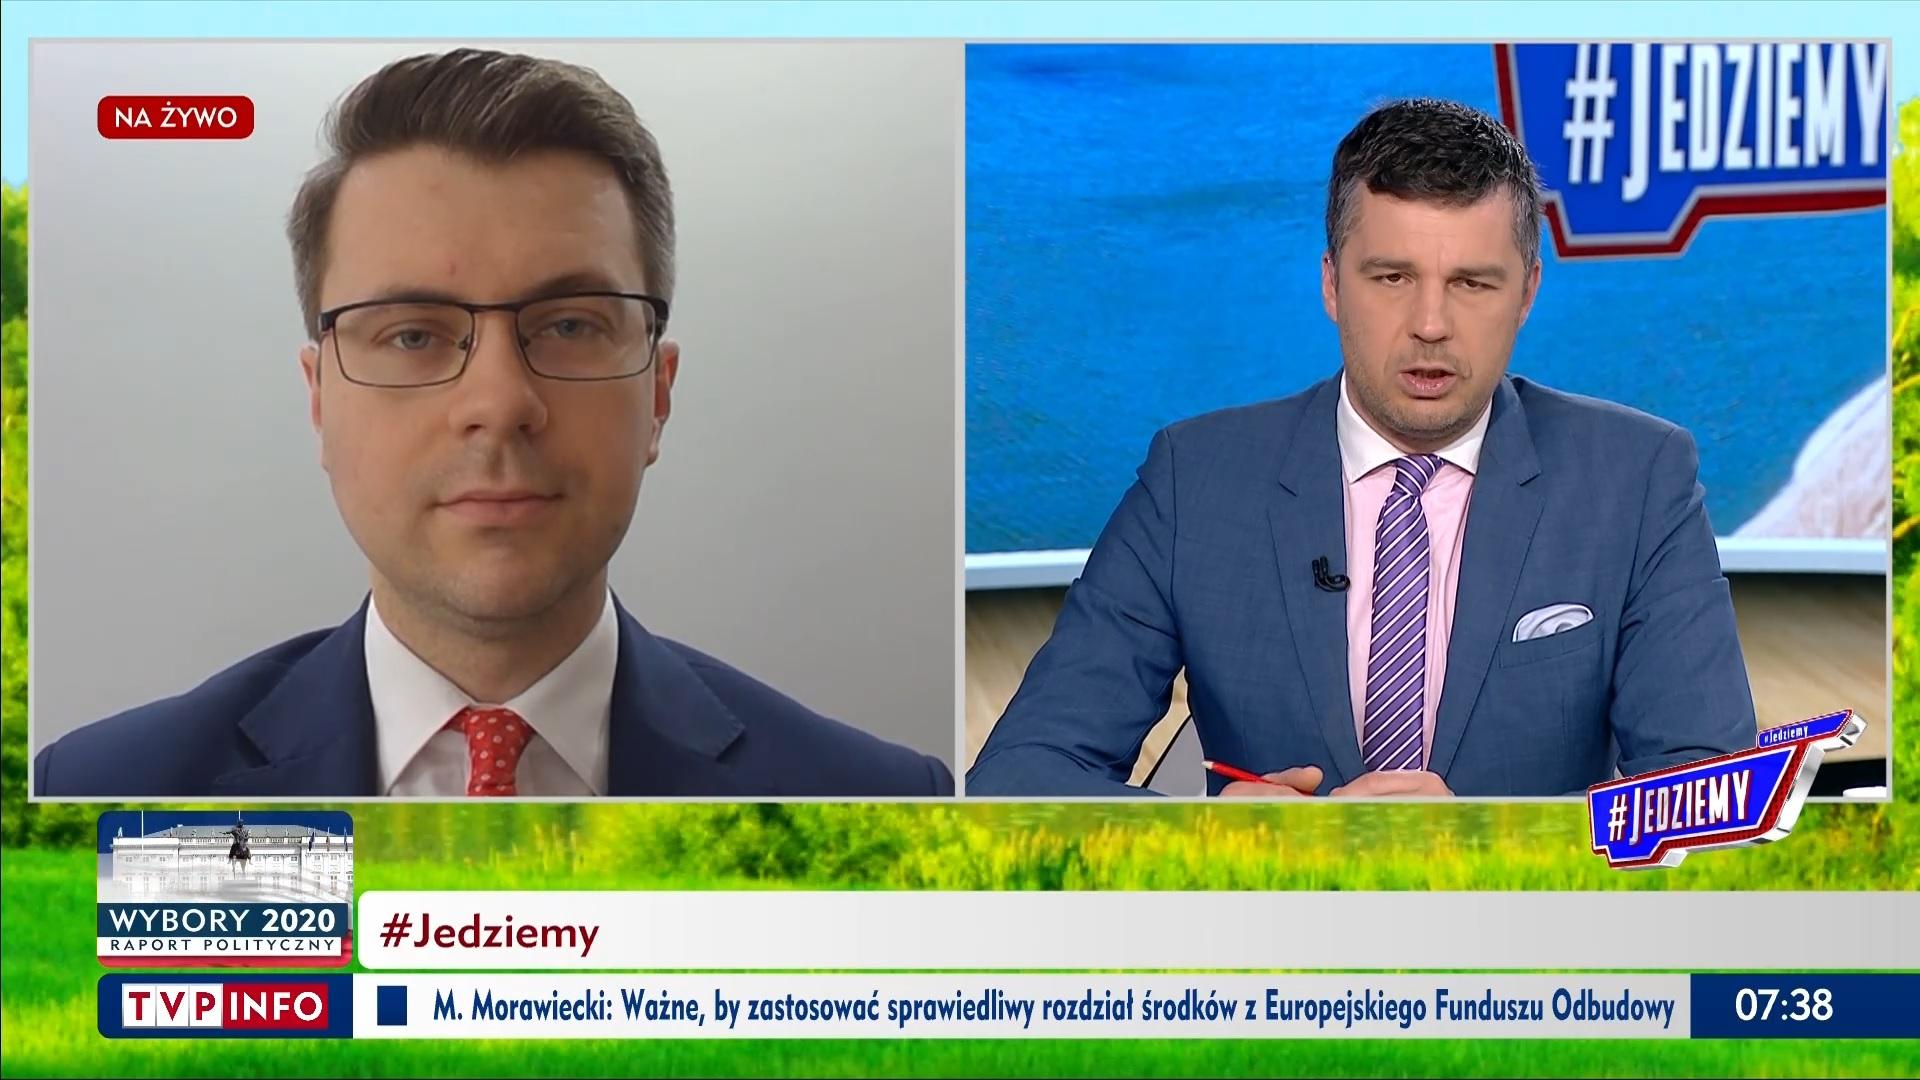 #Jedziemy w TVP Info z udziałem Piotra Müllera